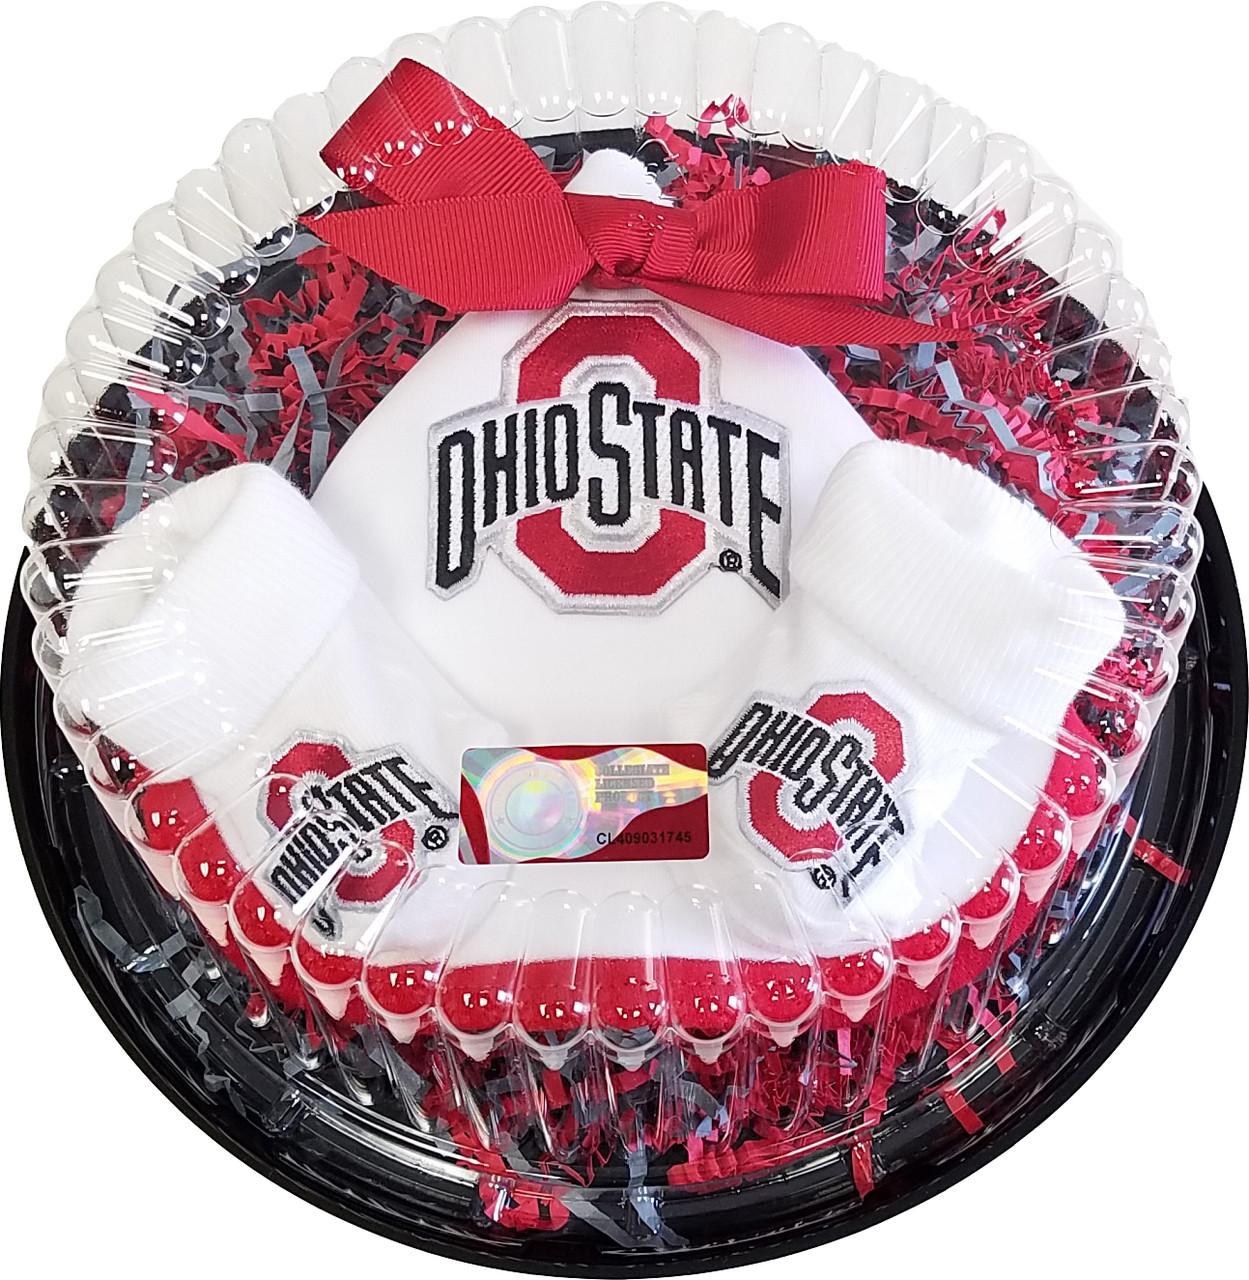 Ohio State Buckeyes Piece Of Cake Baby Clothing Gift Set